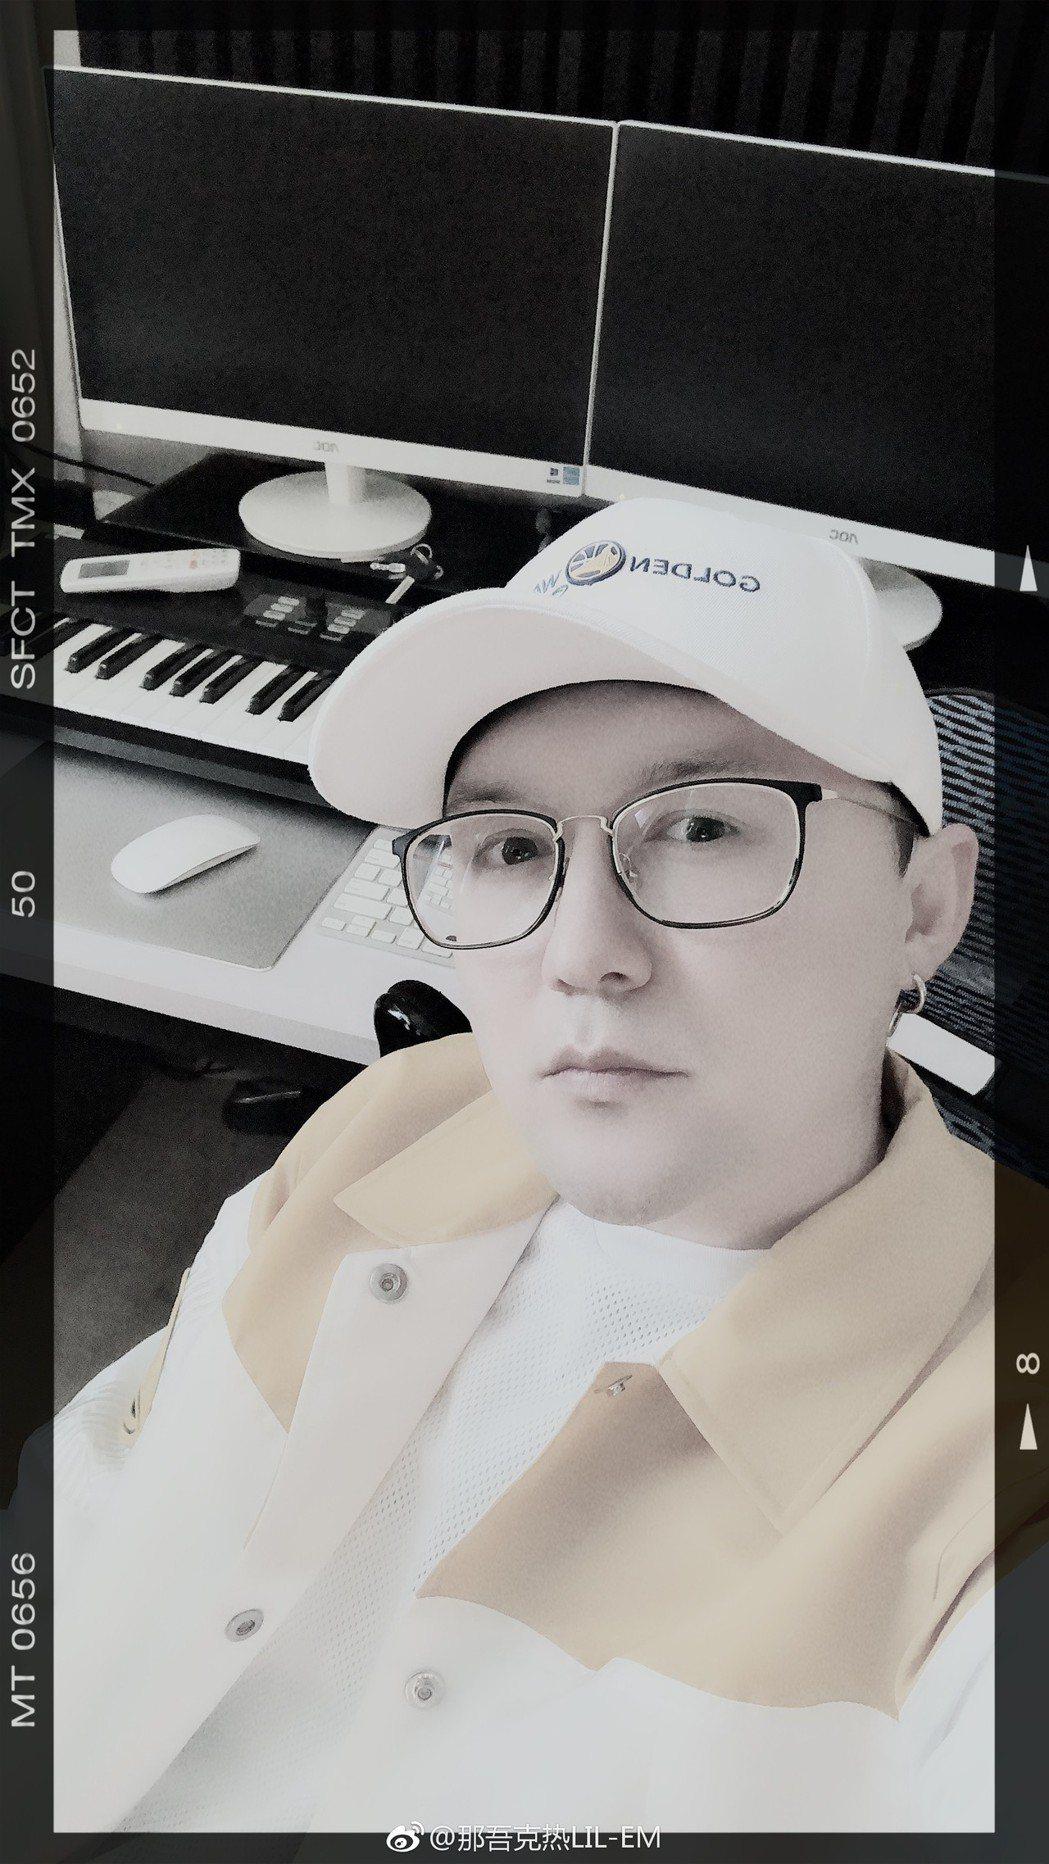 那吾克熱是「中國新說唱」的4強選手。圖/摘自微博